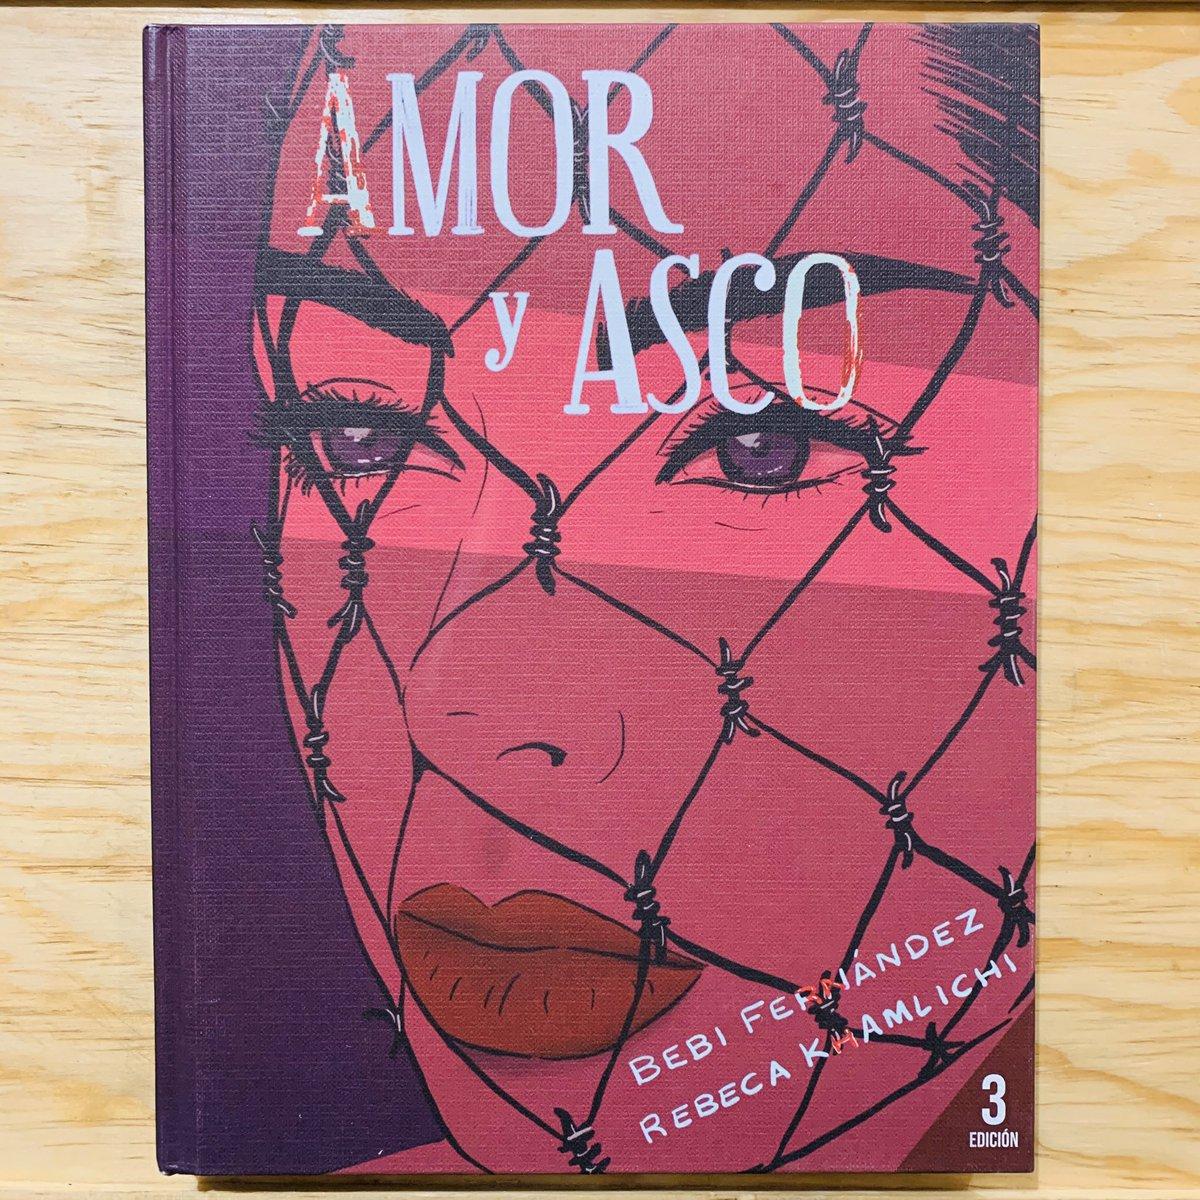 Amor y asco • Edición ilustrada  @bebi_fernandez @RebecaKhamlichi   México 🇲🇽 : https://t.co/UpBD8jXlKg  'Con más de 100.000 libros vendidos de Amor y asco, llega su versión ilustrada. Bebi Fernández, una de las cuentas anónimas más influyentes de las redes sociales.' https://t.co/WFxuQ31ACG